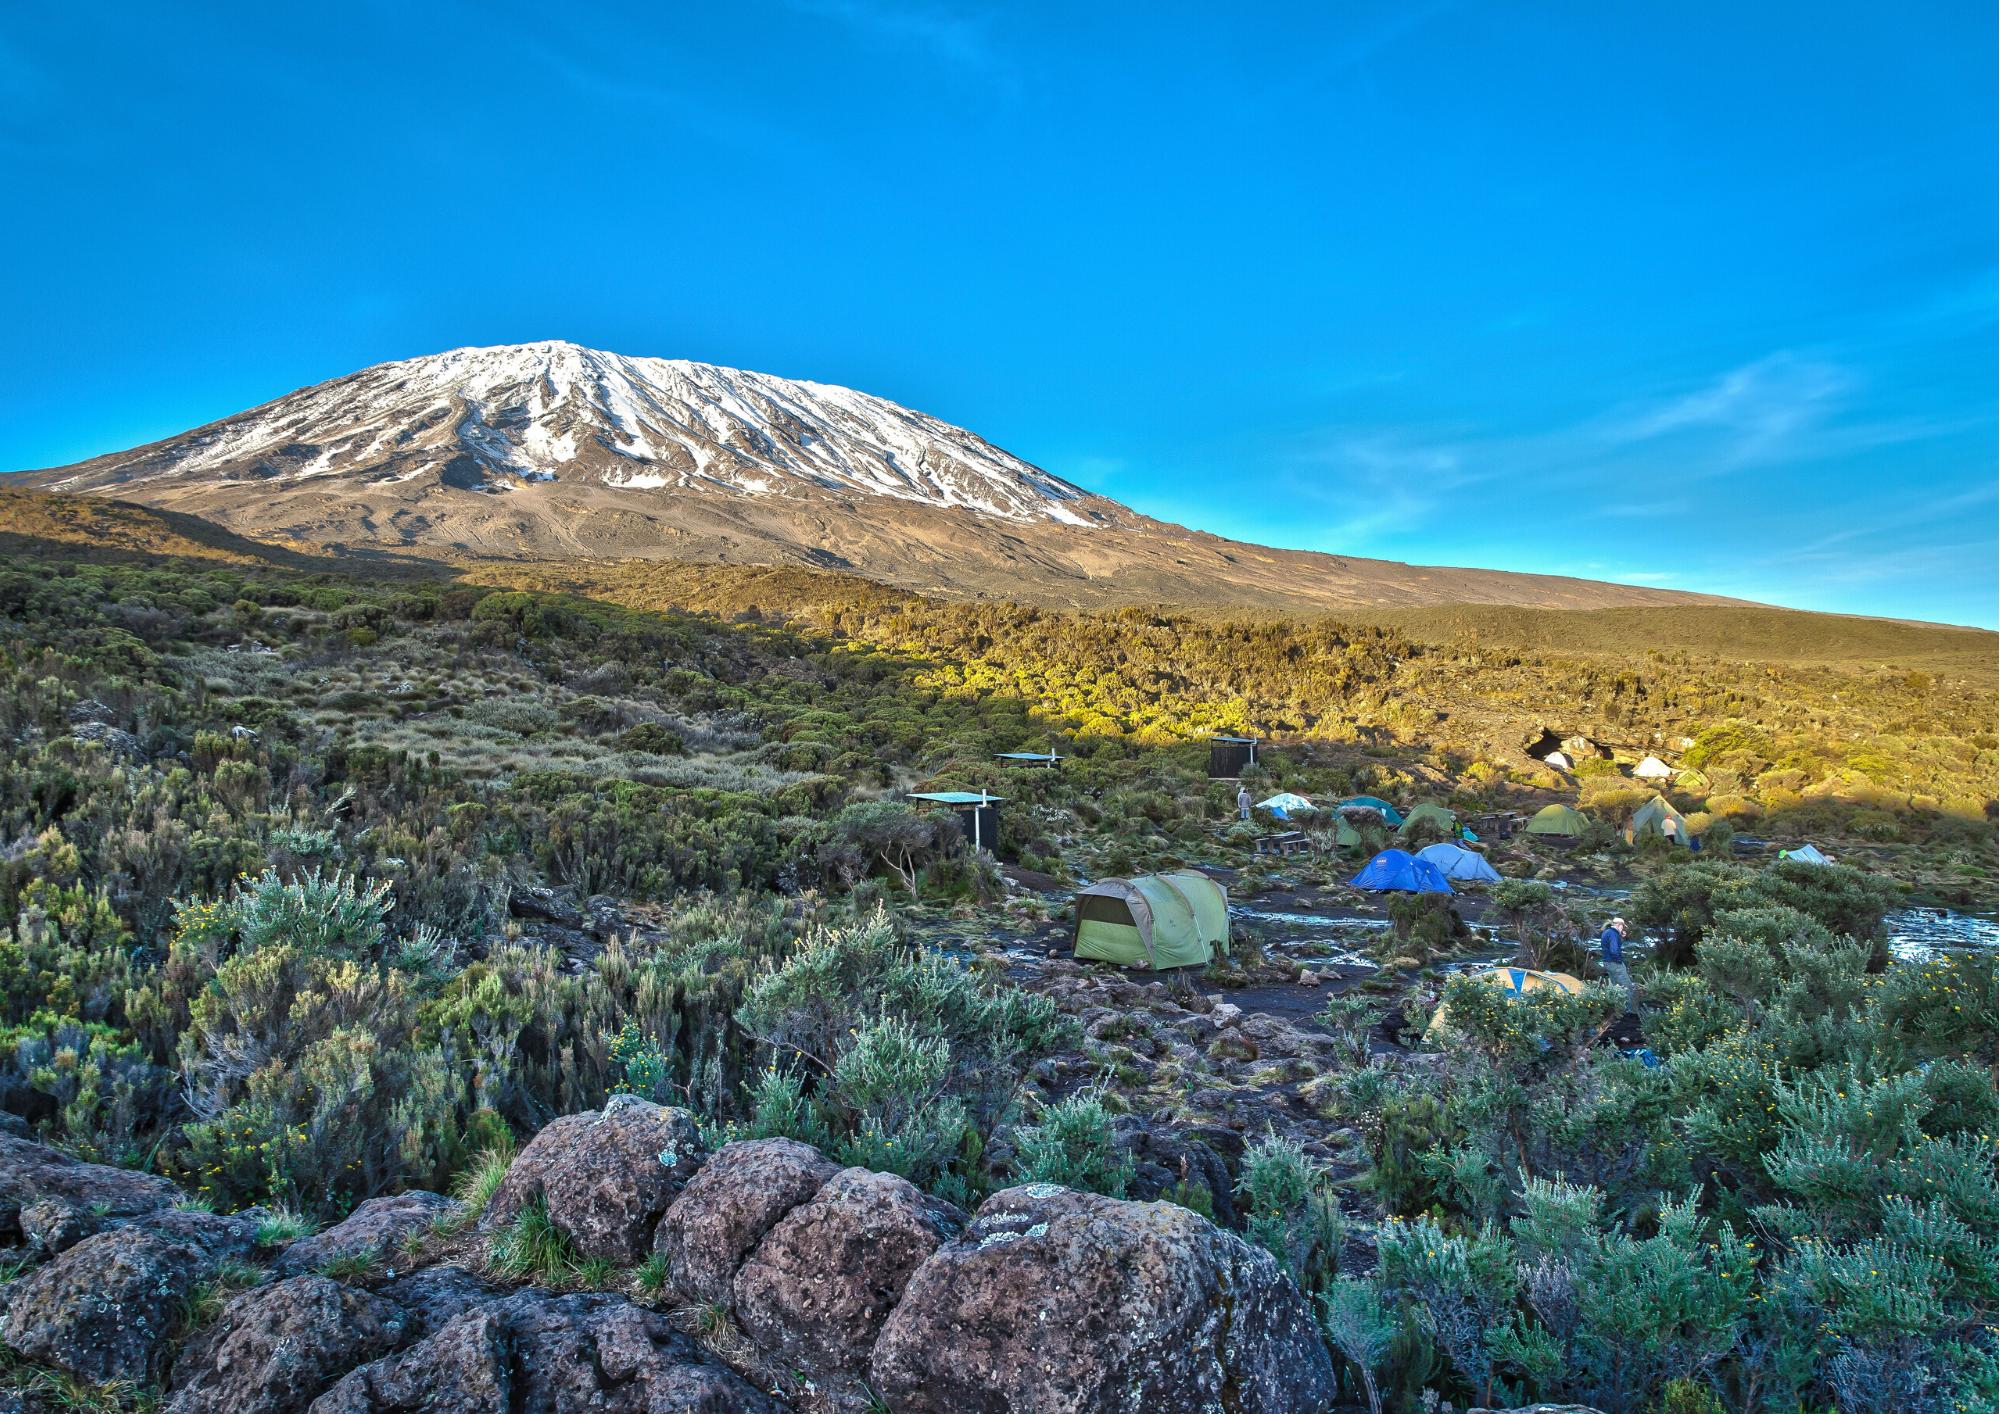 Mount Kili Climb - 7 Days Marangu Route